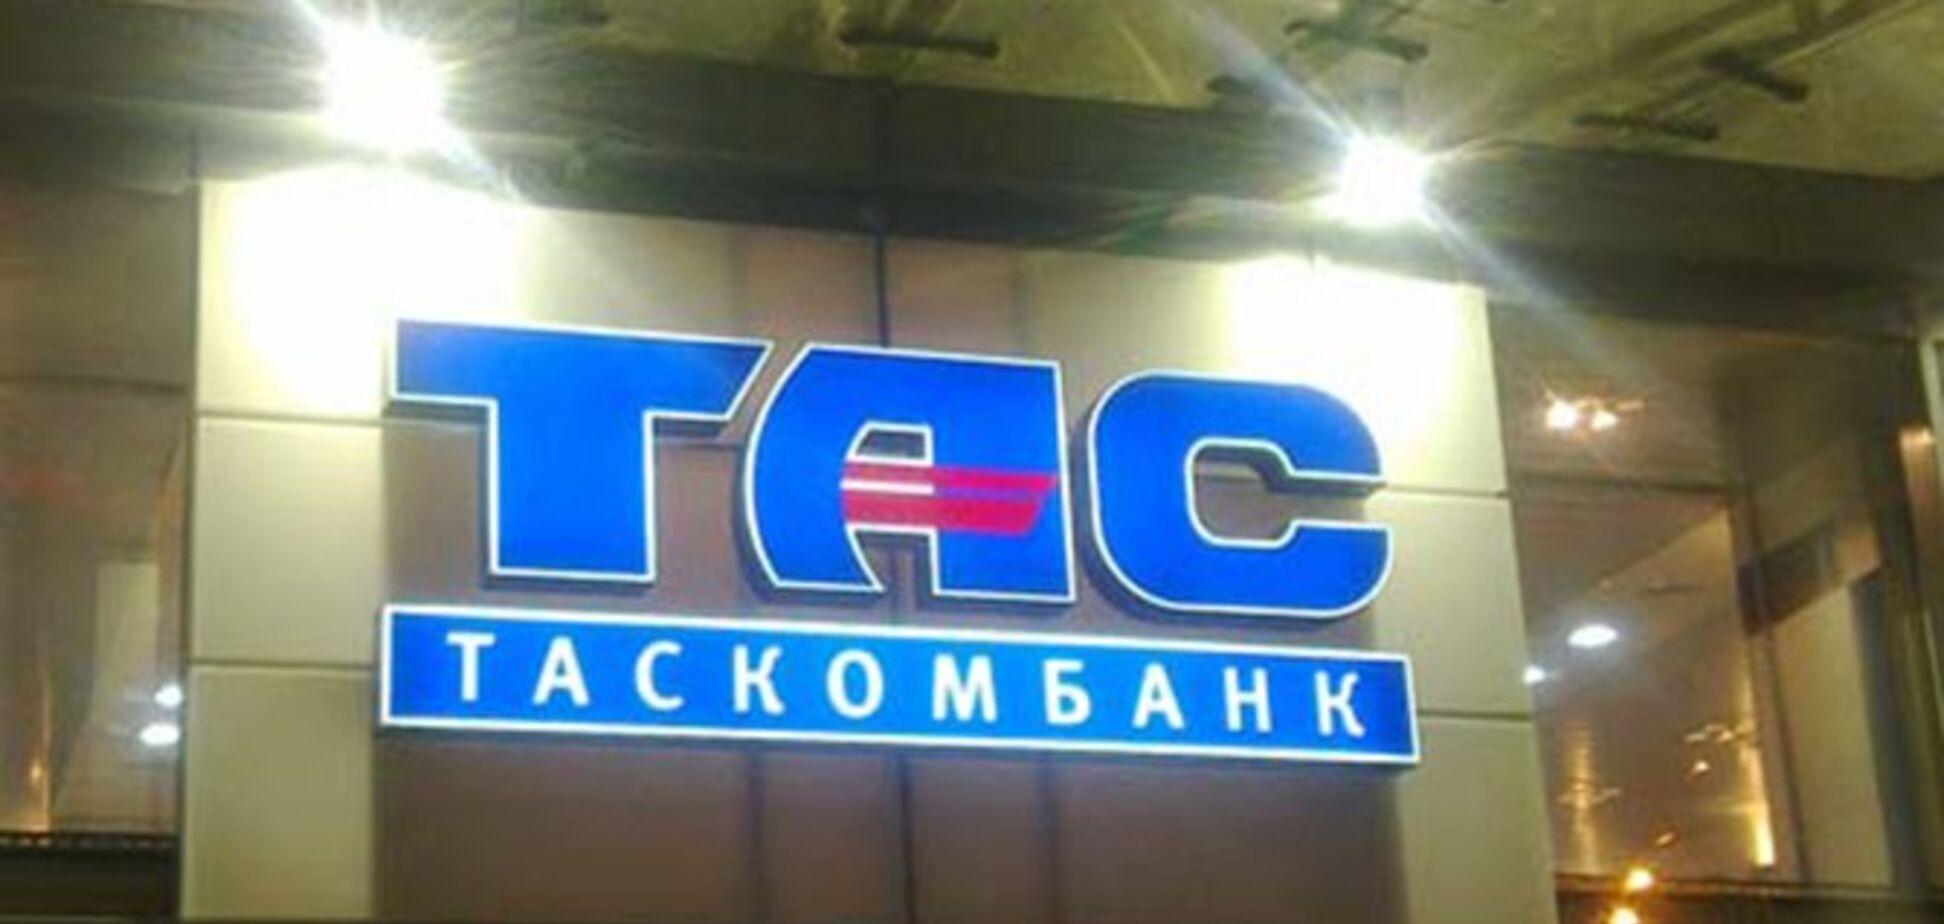 ТАСКОМБАНК начал cотрудничество с ЕИБ для финансирования бизнеса